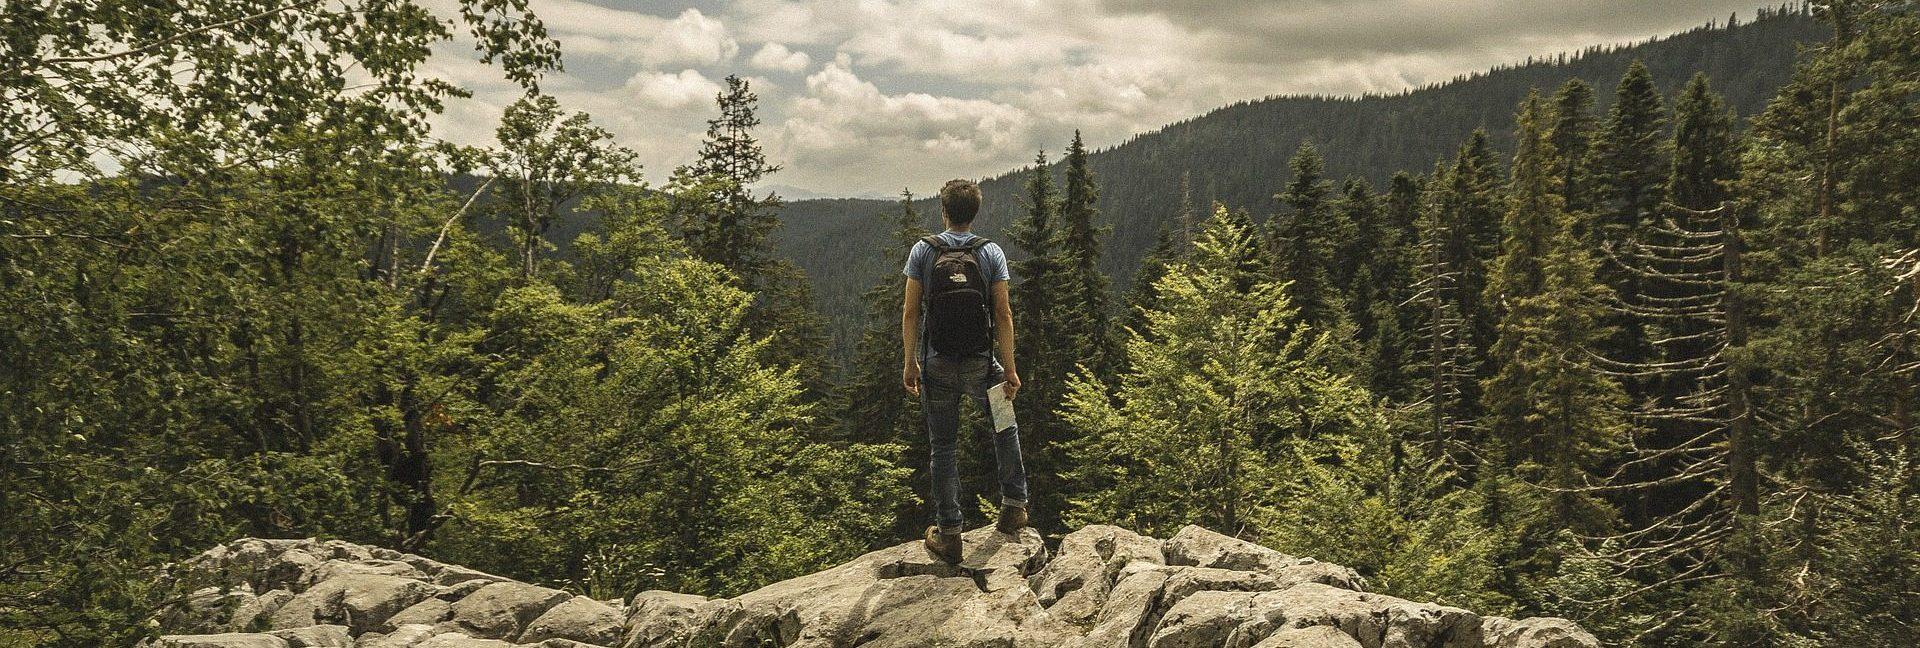 Ein Wanderer, mit einer Landkarte in der Hand, steht auf einem Fels und blickt in die Ferne.